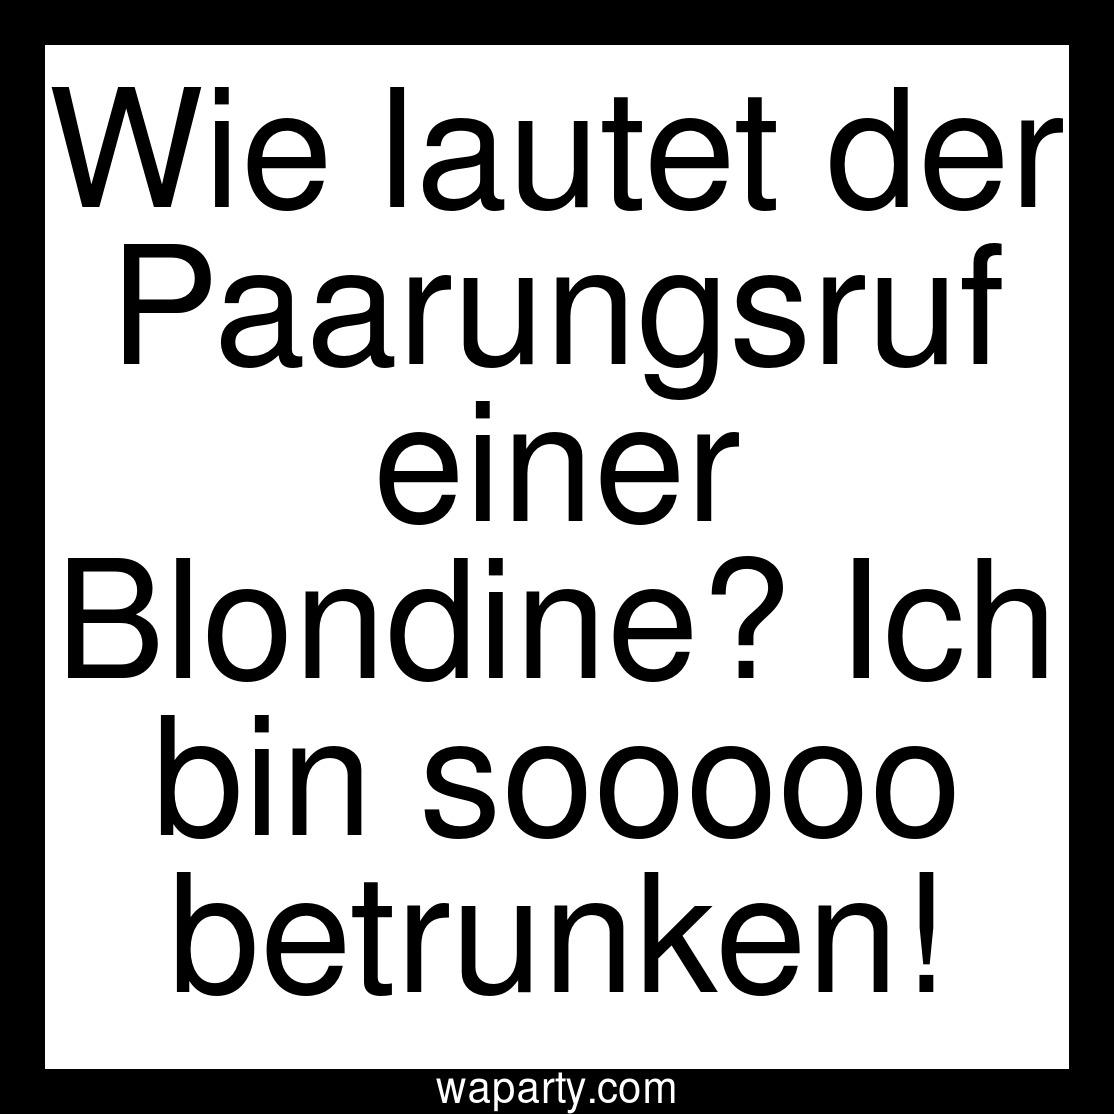 Wie lautet der Paarungsruf einer Blondine? Ich bin sooooo betrunken!